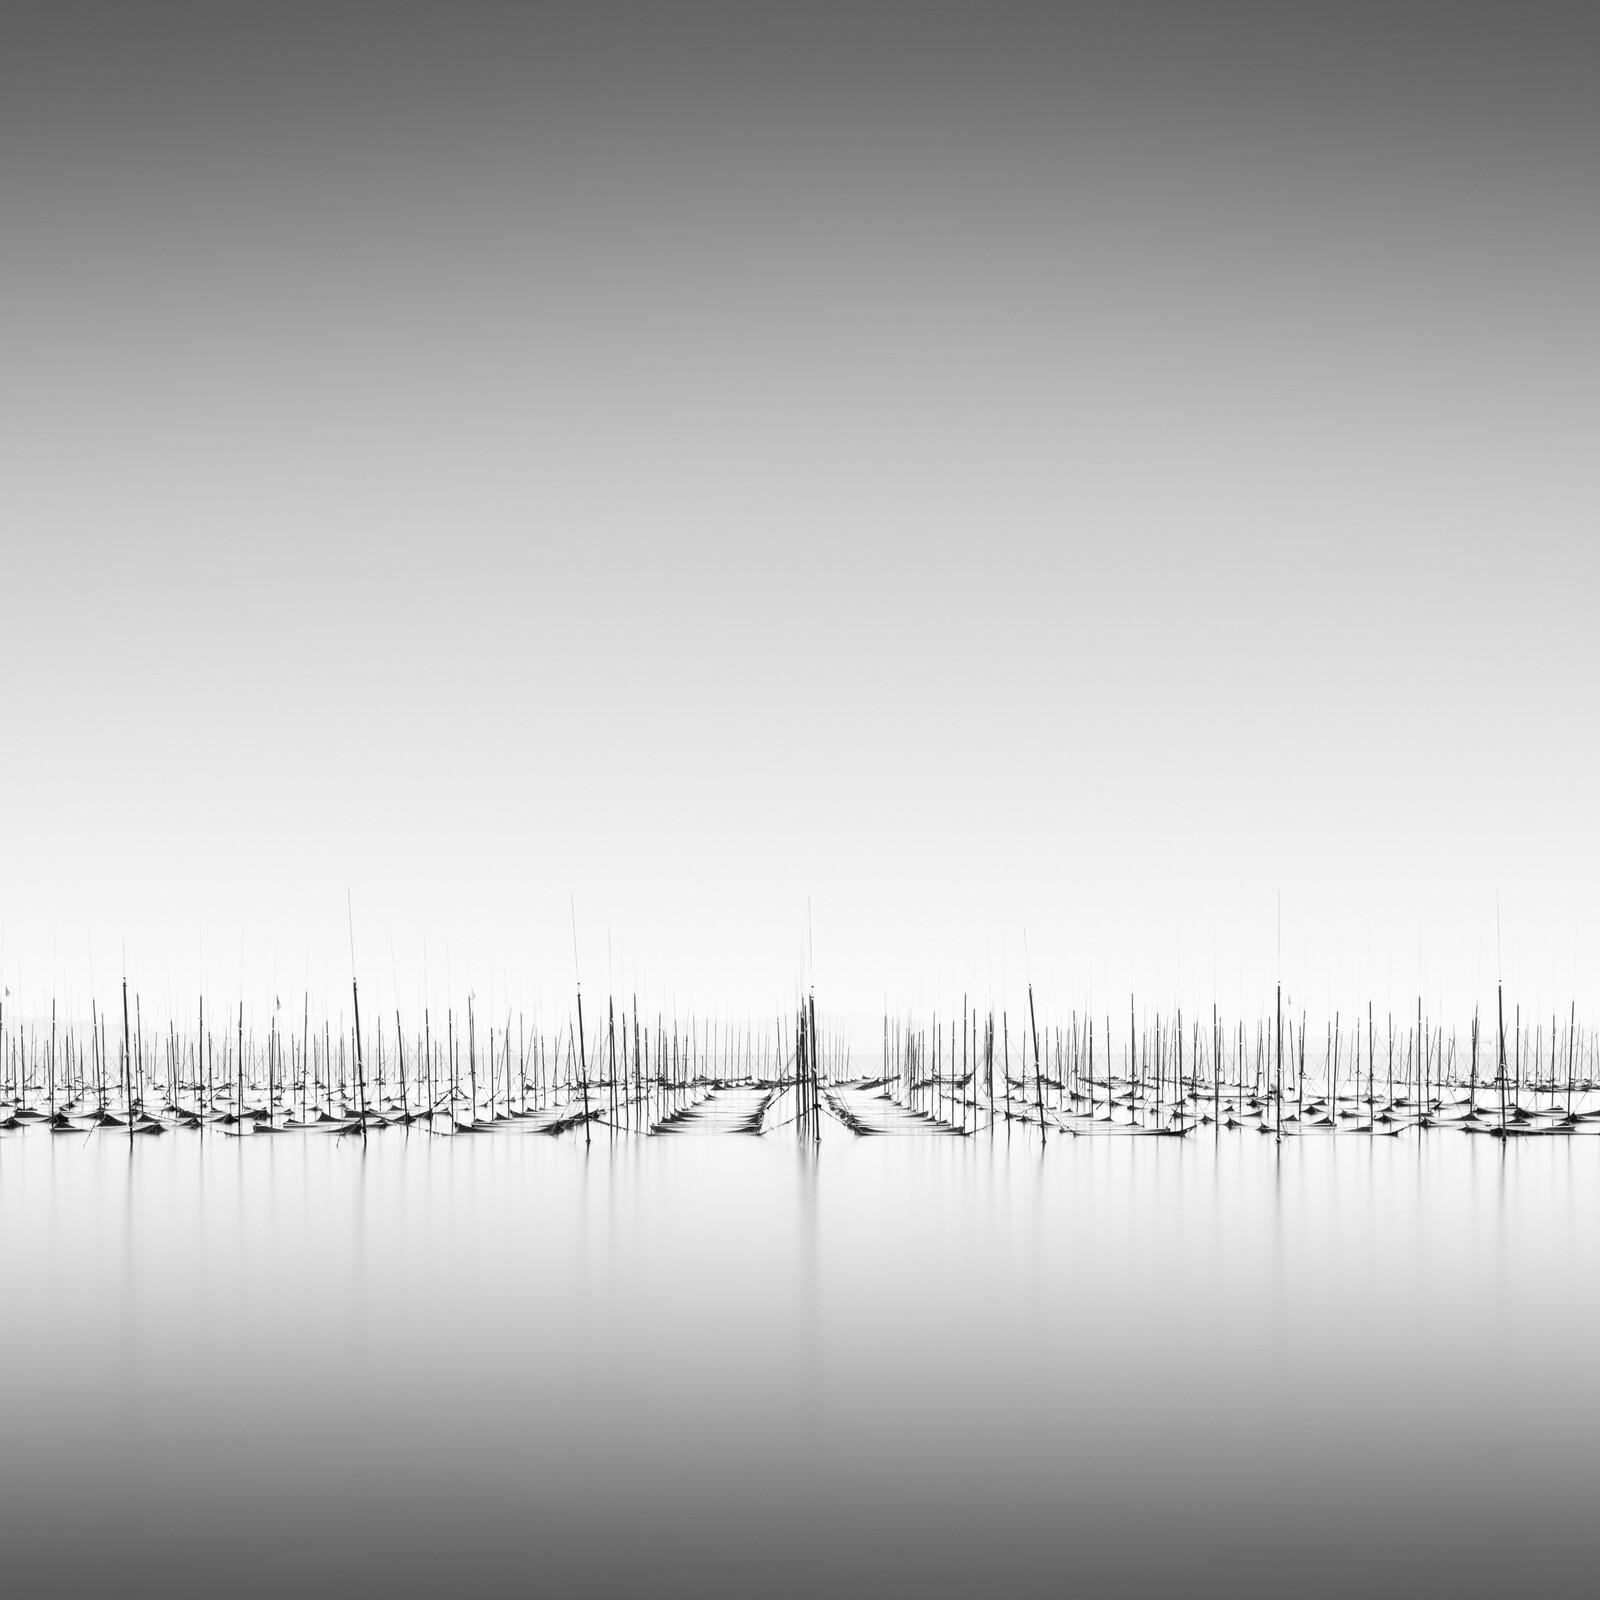 Nori-Field - Michael Levin